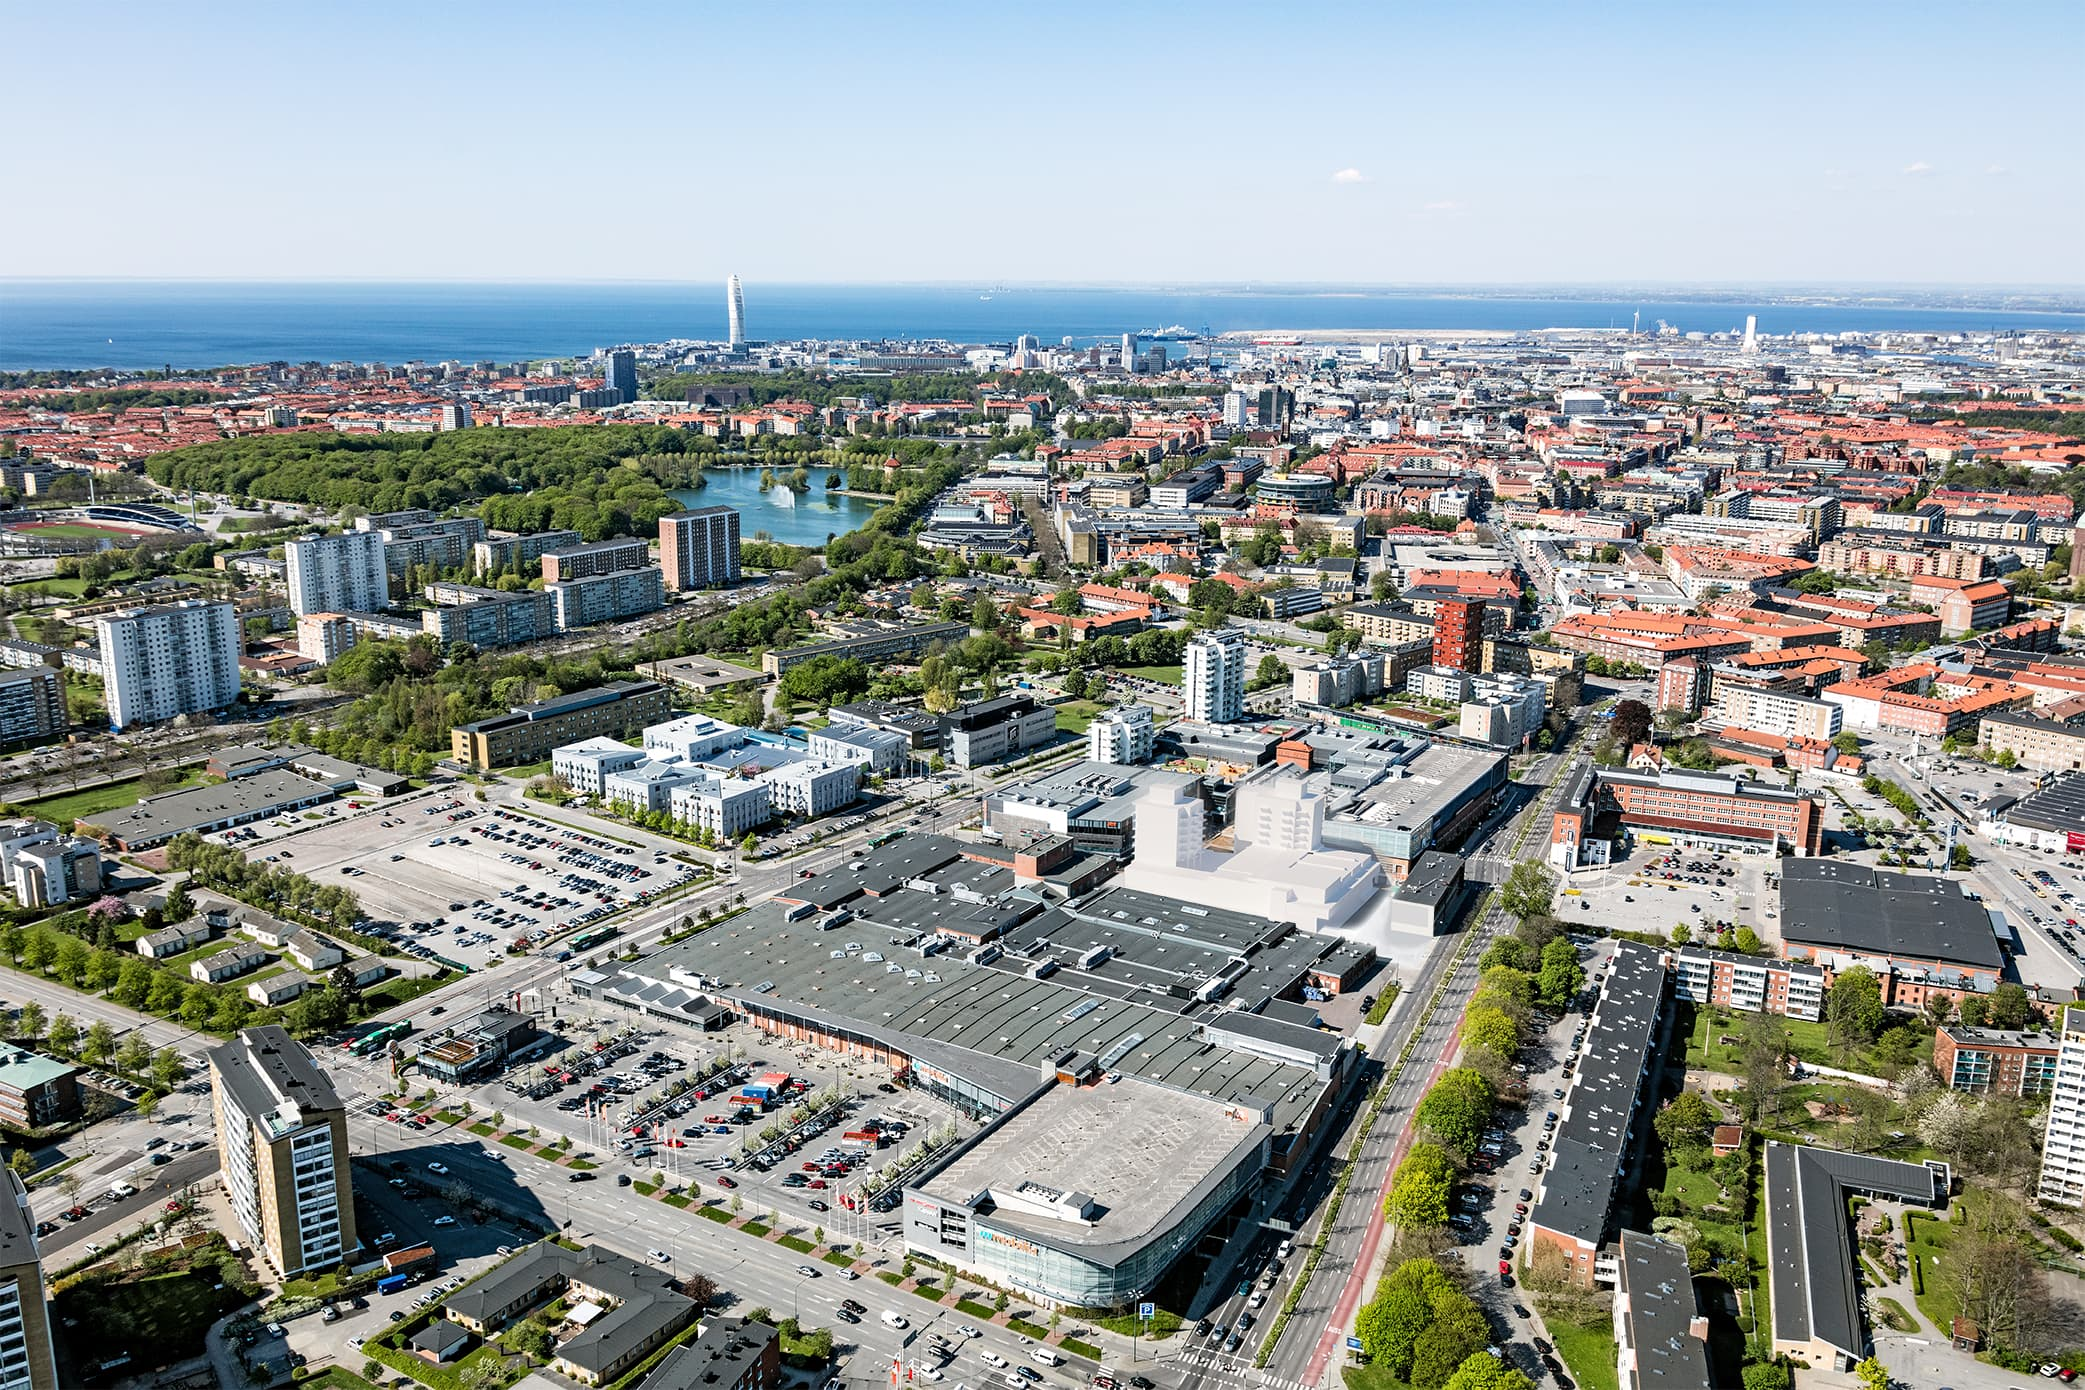 Mobilia får biograf signerad dansk biojätte